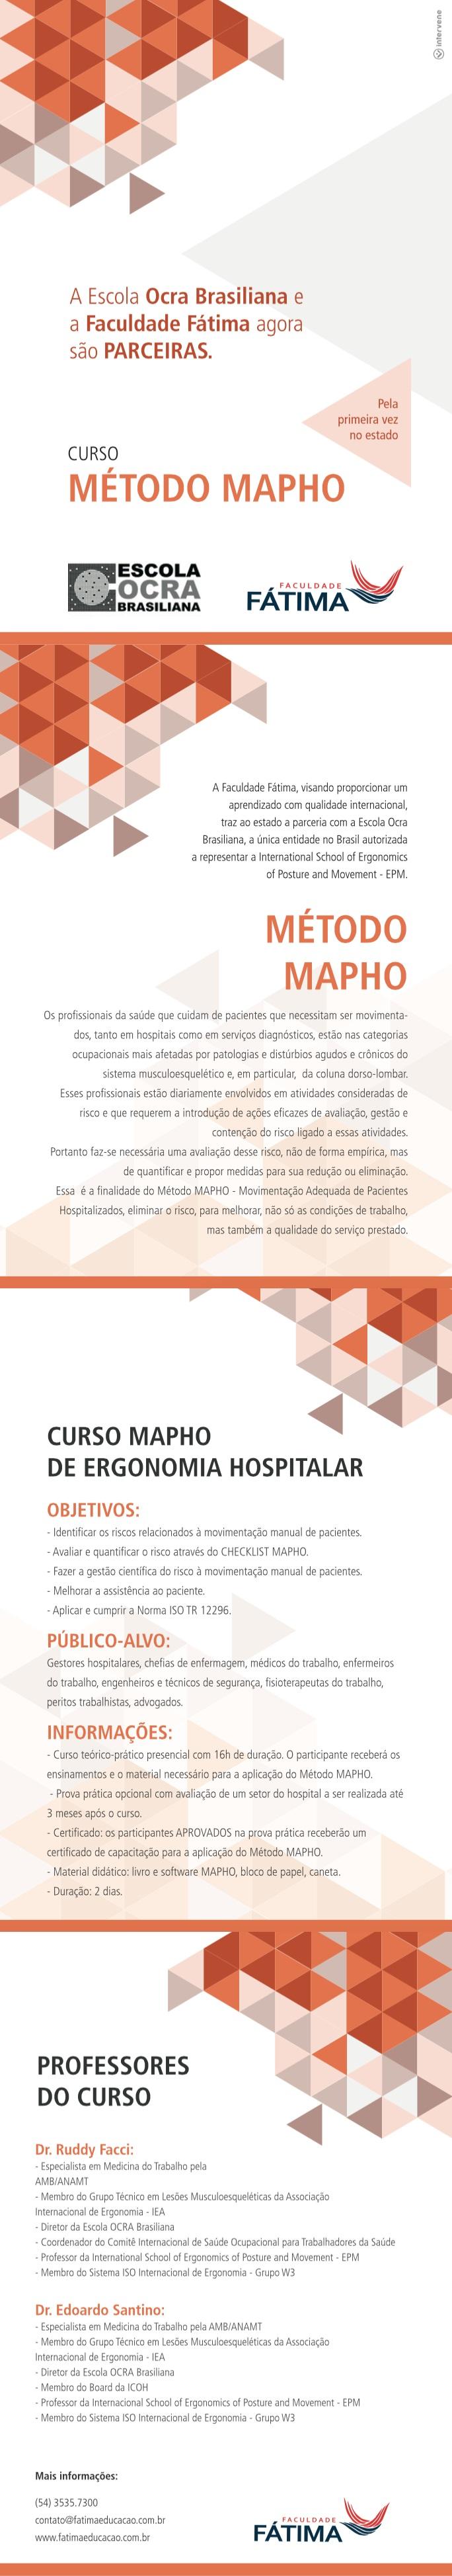 Mapho